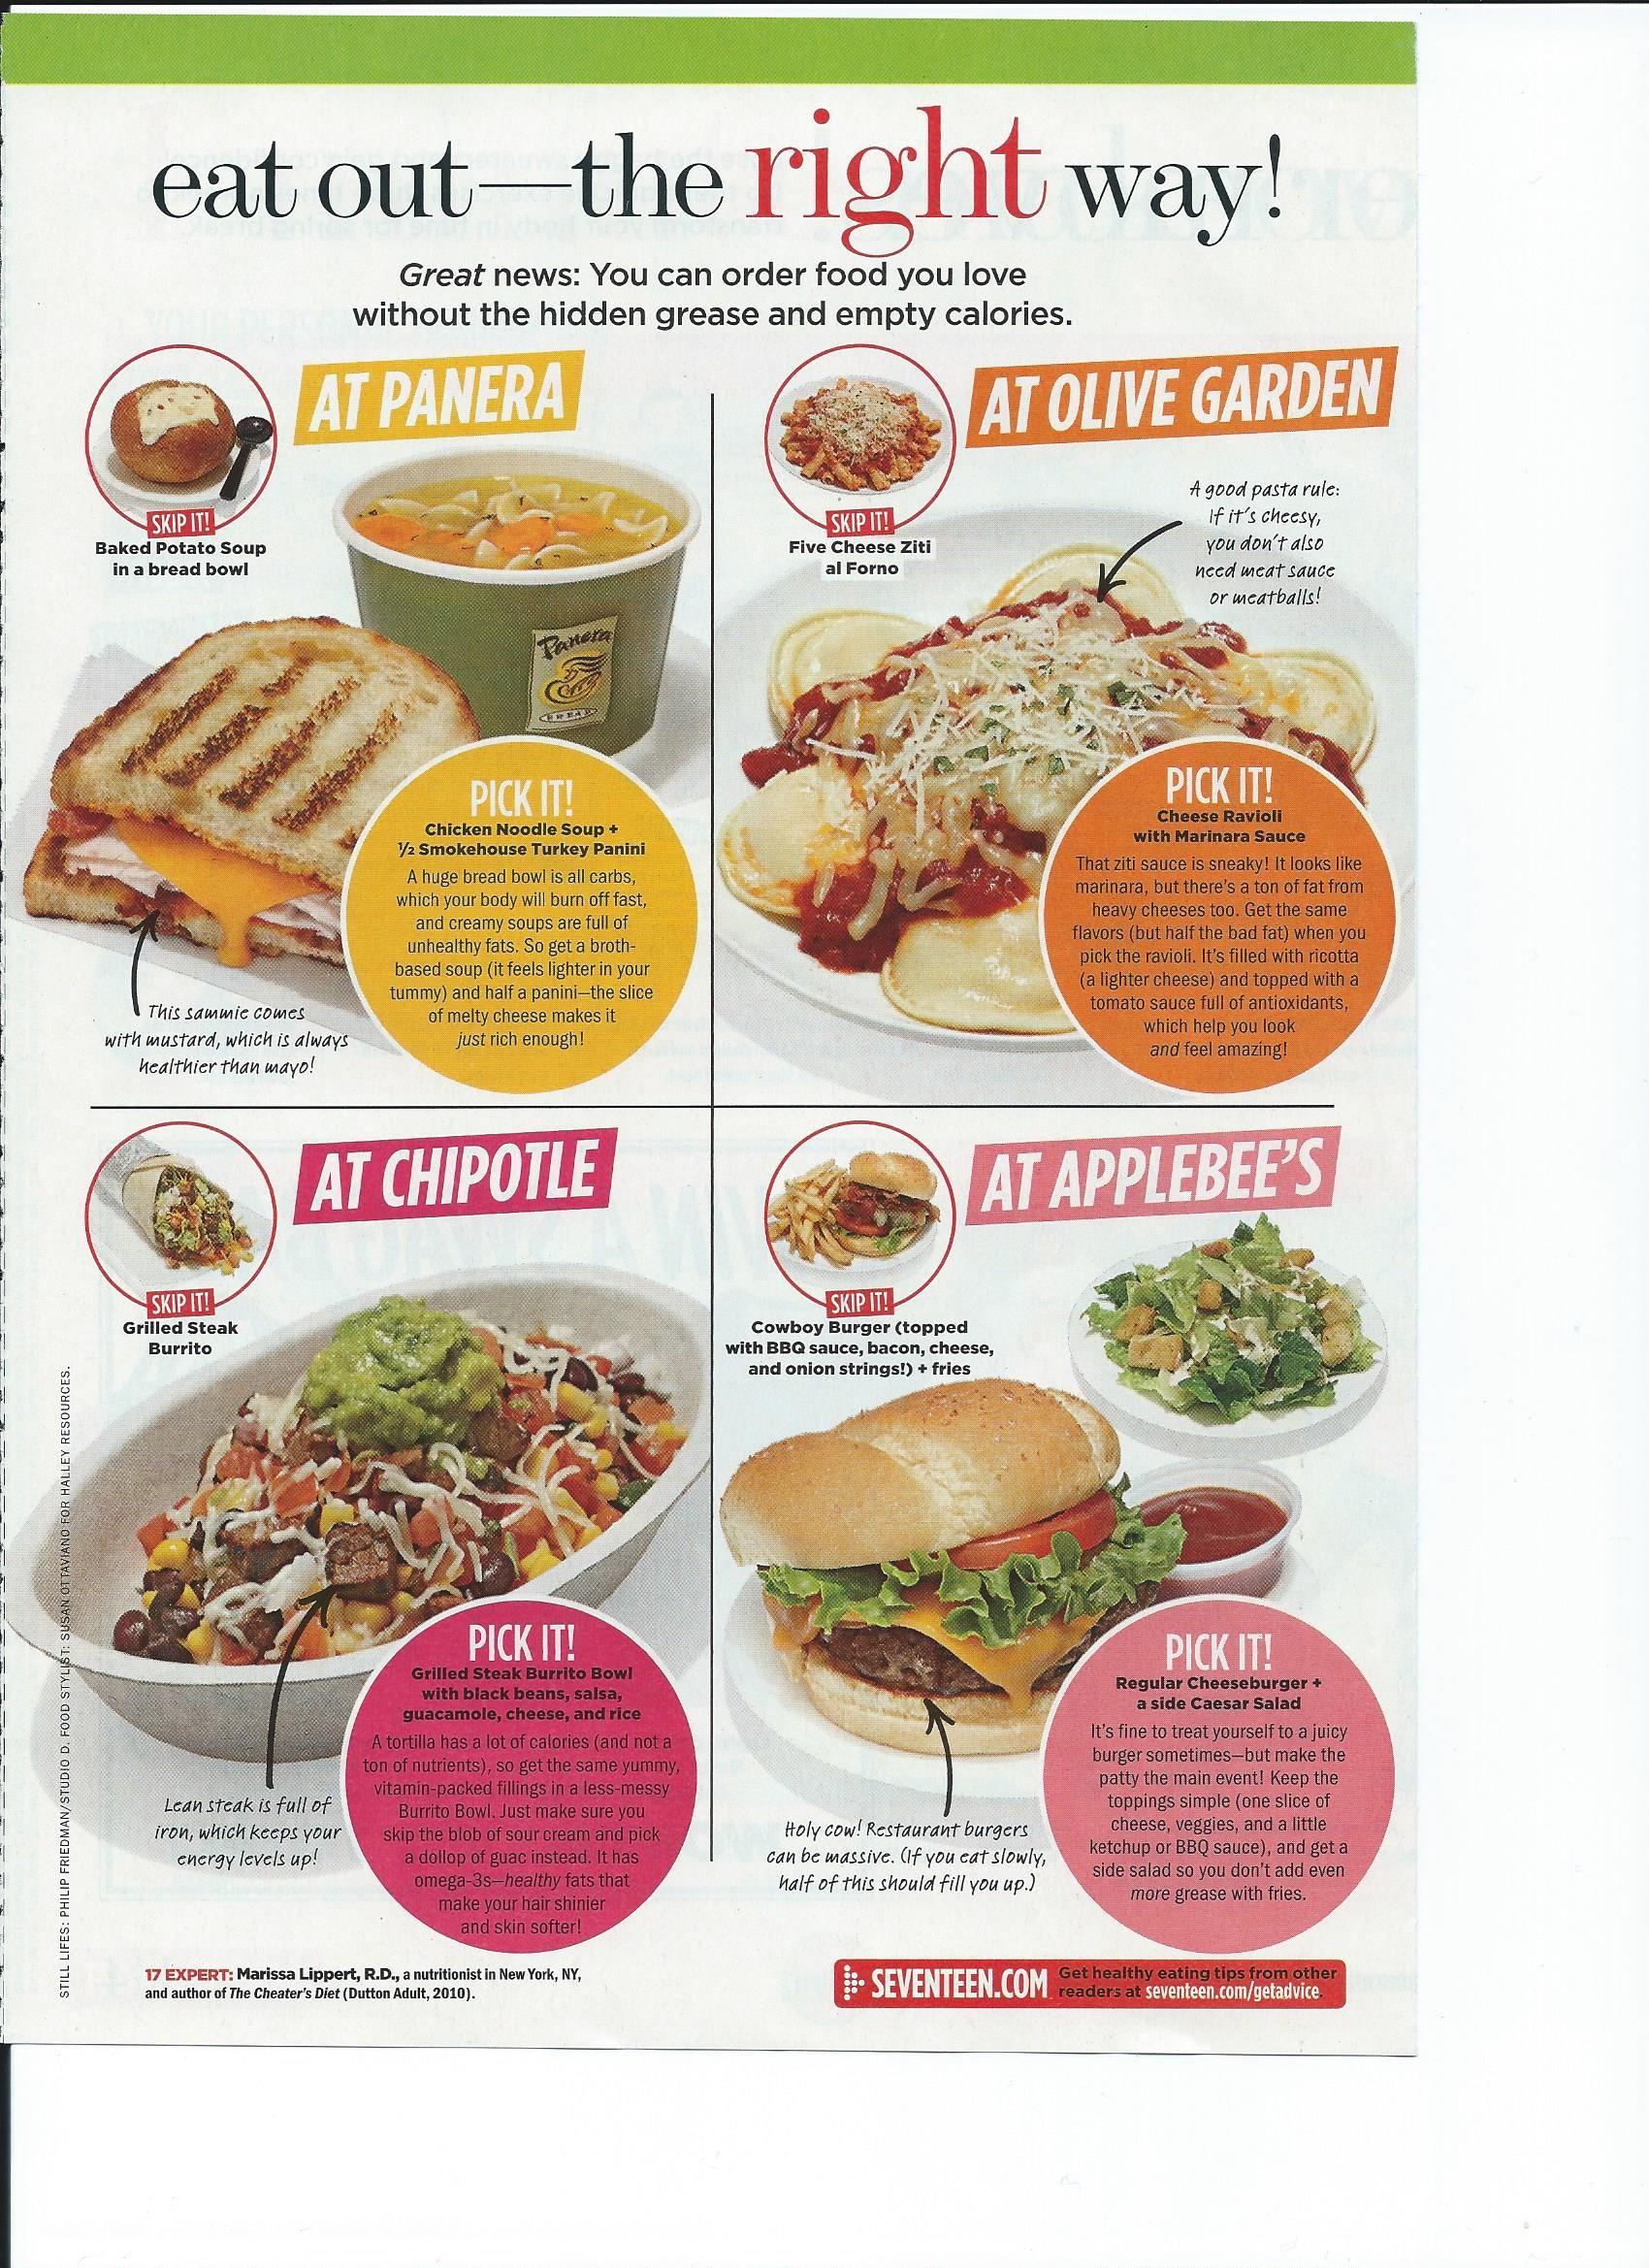 pinsam rinker on food  food order food eat